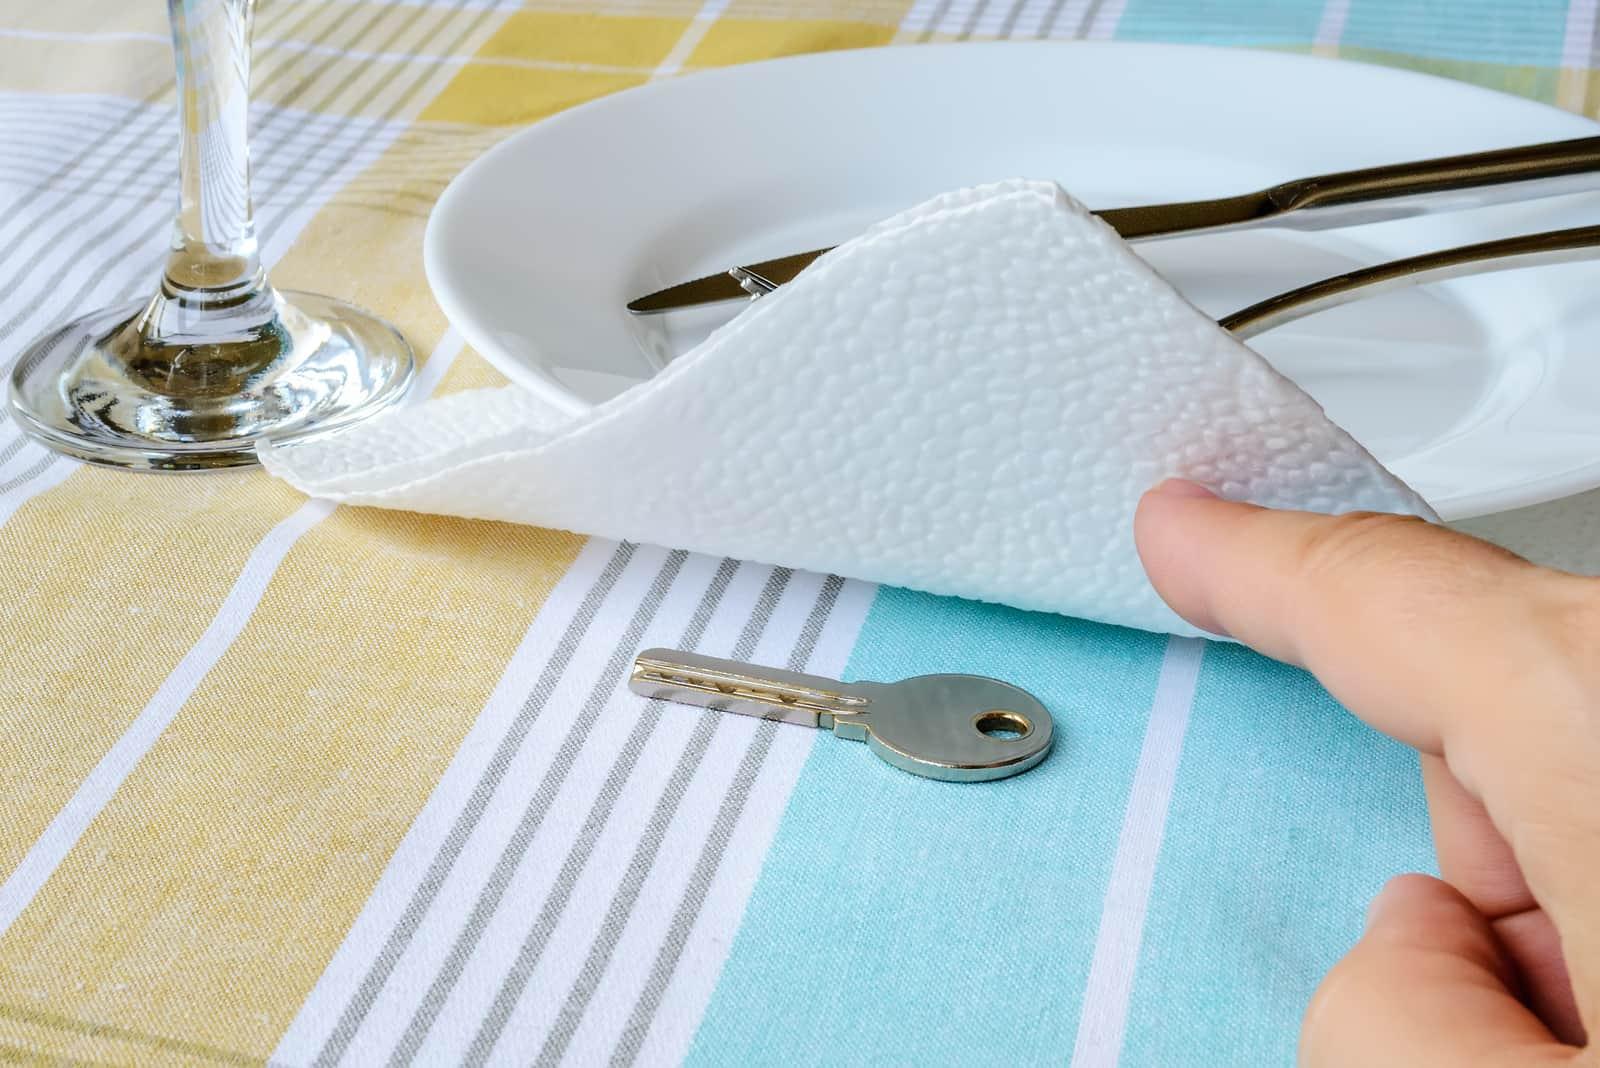 Frauenhand zeigt den Schlüssel unter der Papierserviette nahe weißem Teller auf dem Esstisch